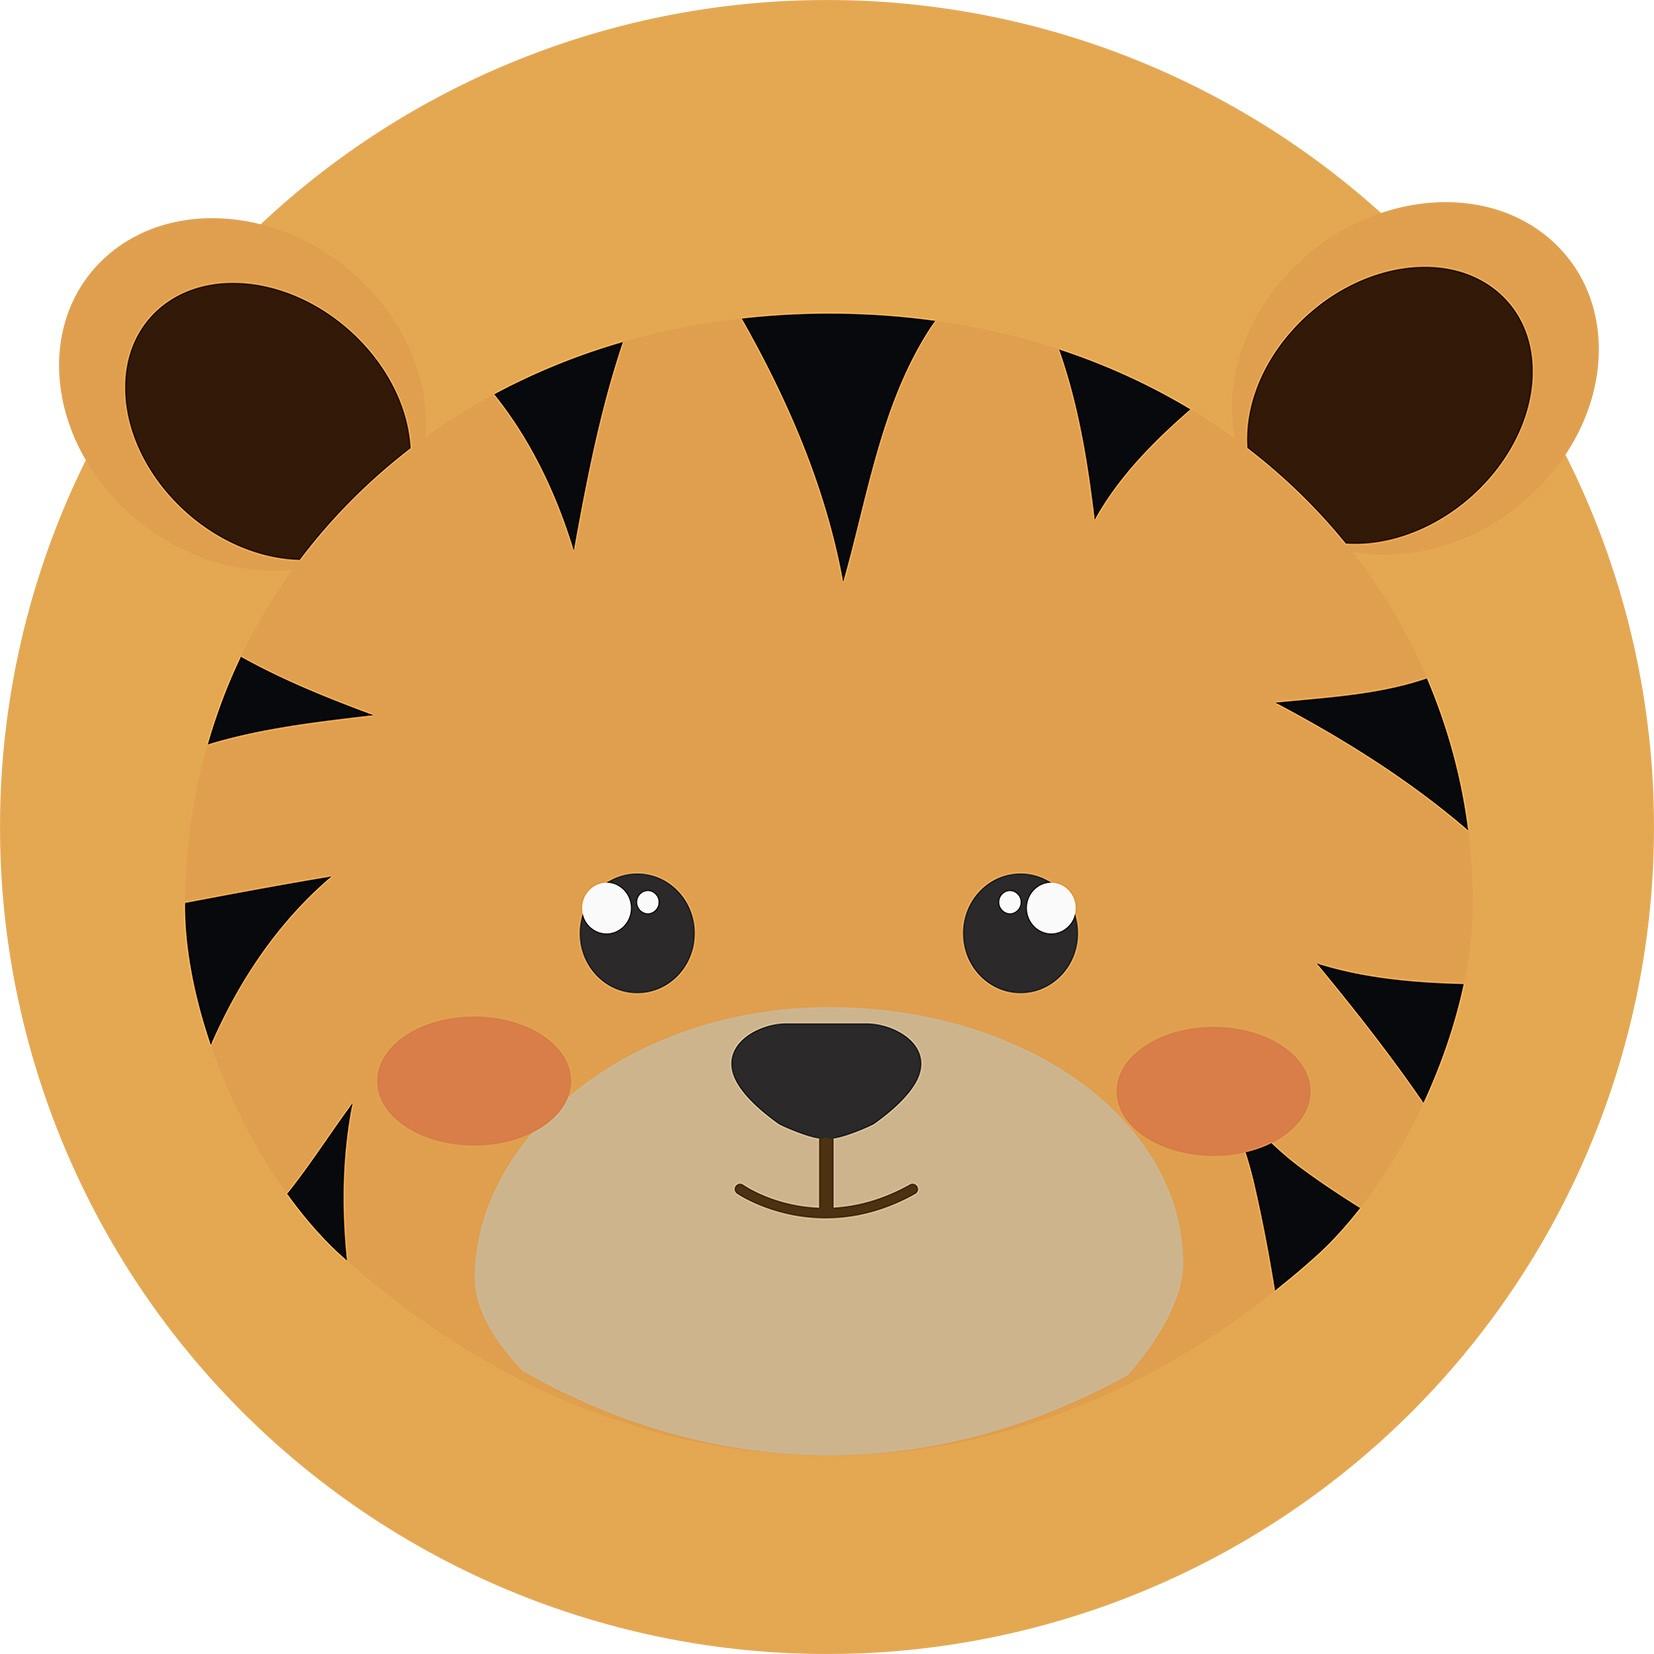 Tapete redondo Infantil Bebê Tiger 1,40mx1,40m